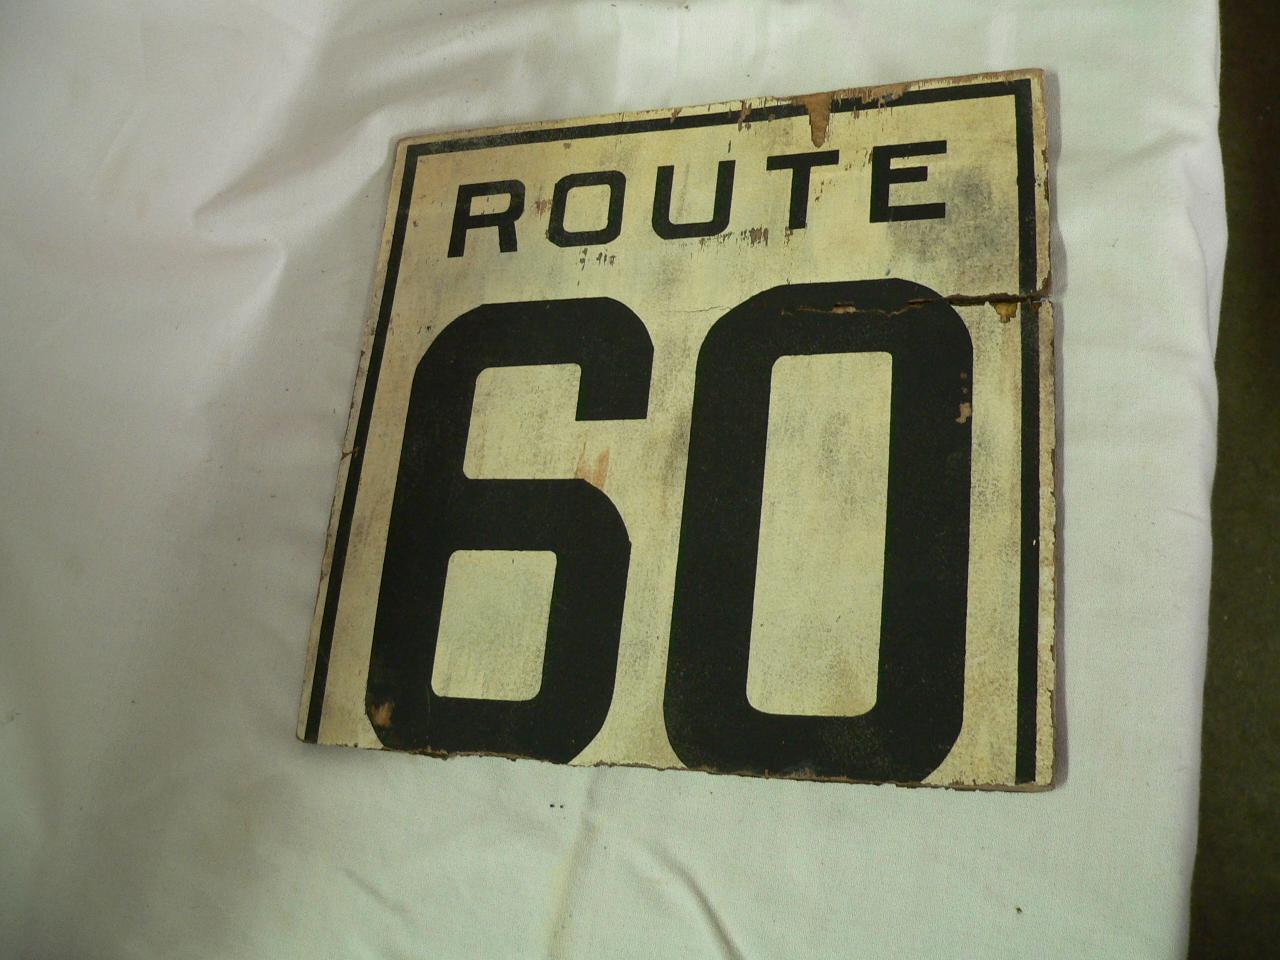 Enseigne routière # 3693